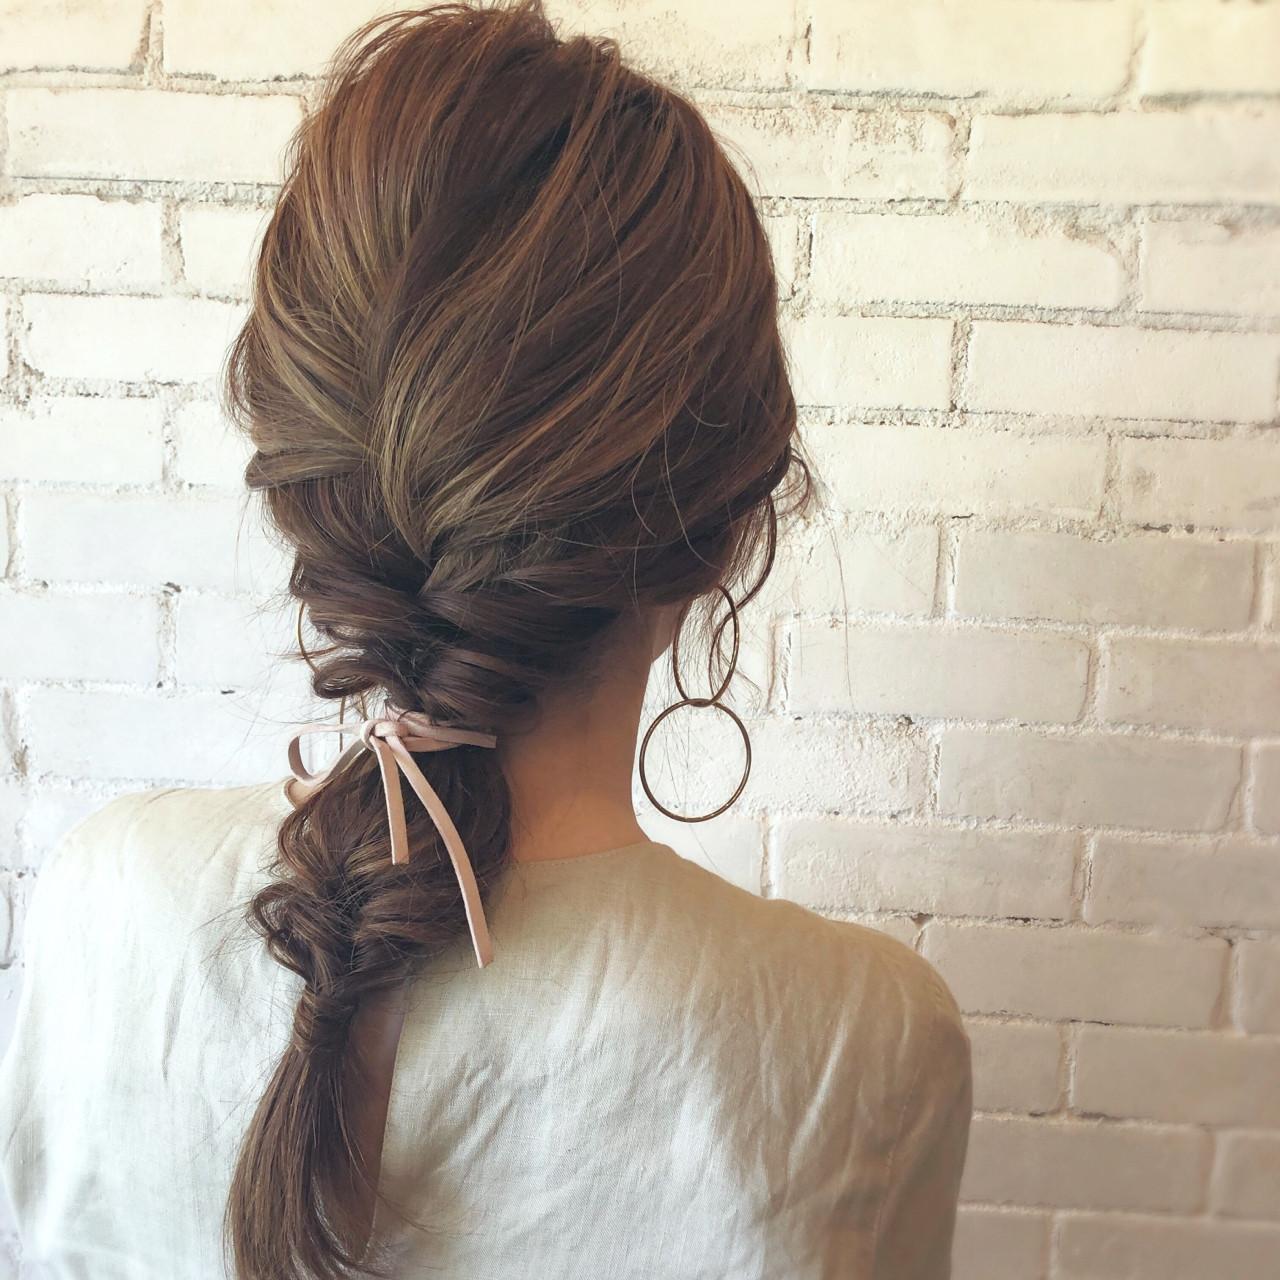 セミロング 簡単ヘアアレンジ ナチュラル 編み込み ヘアスタイルや髪型の写真・画像